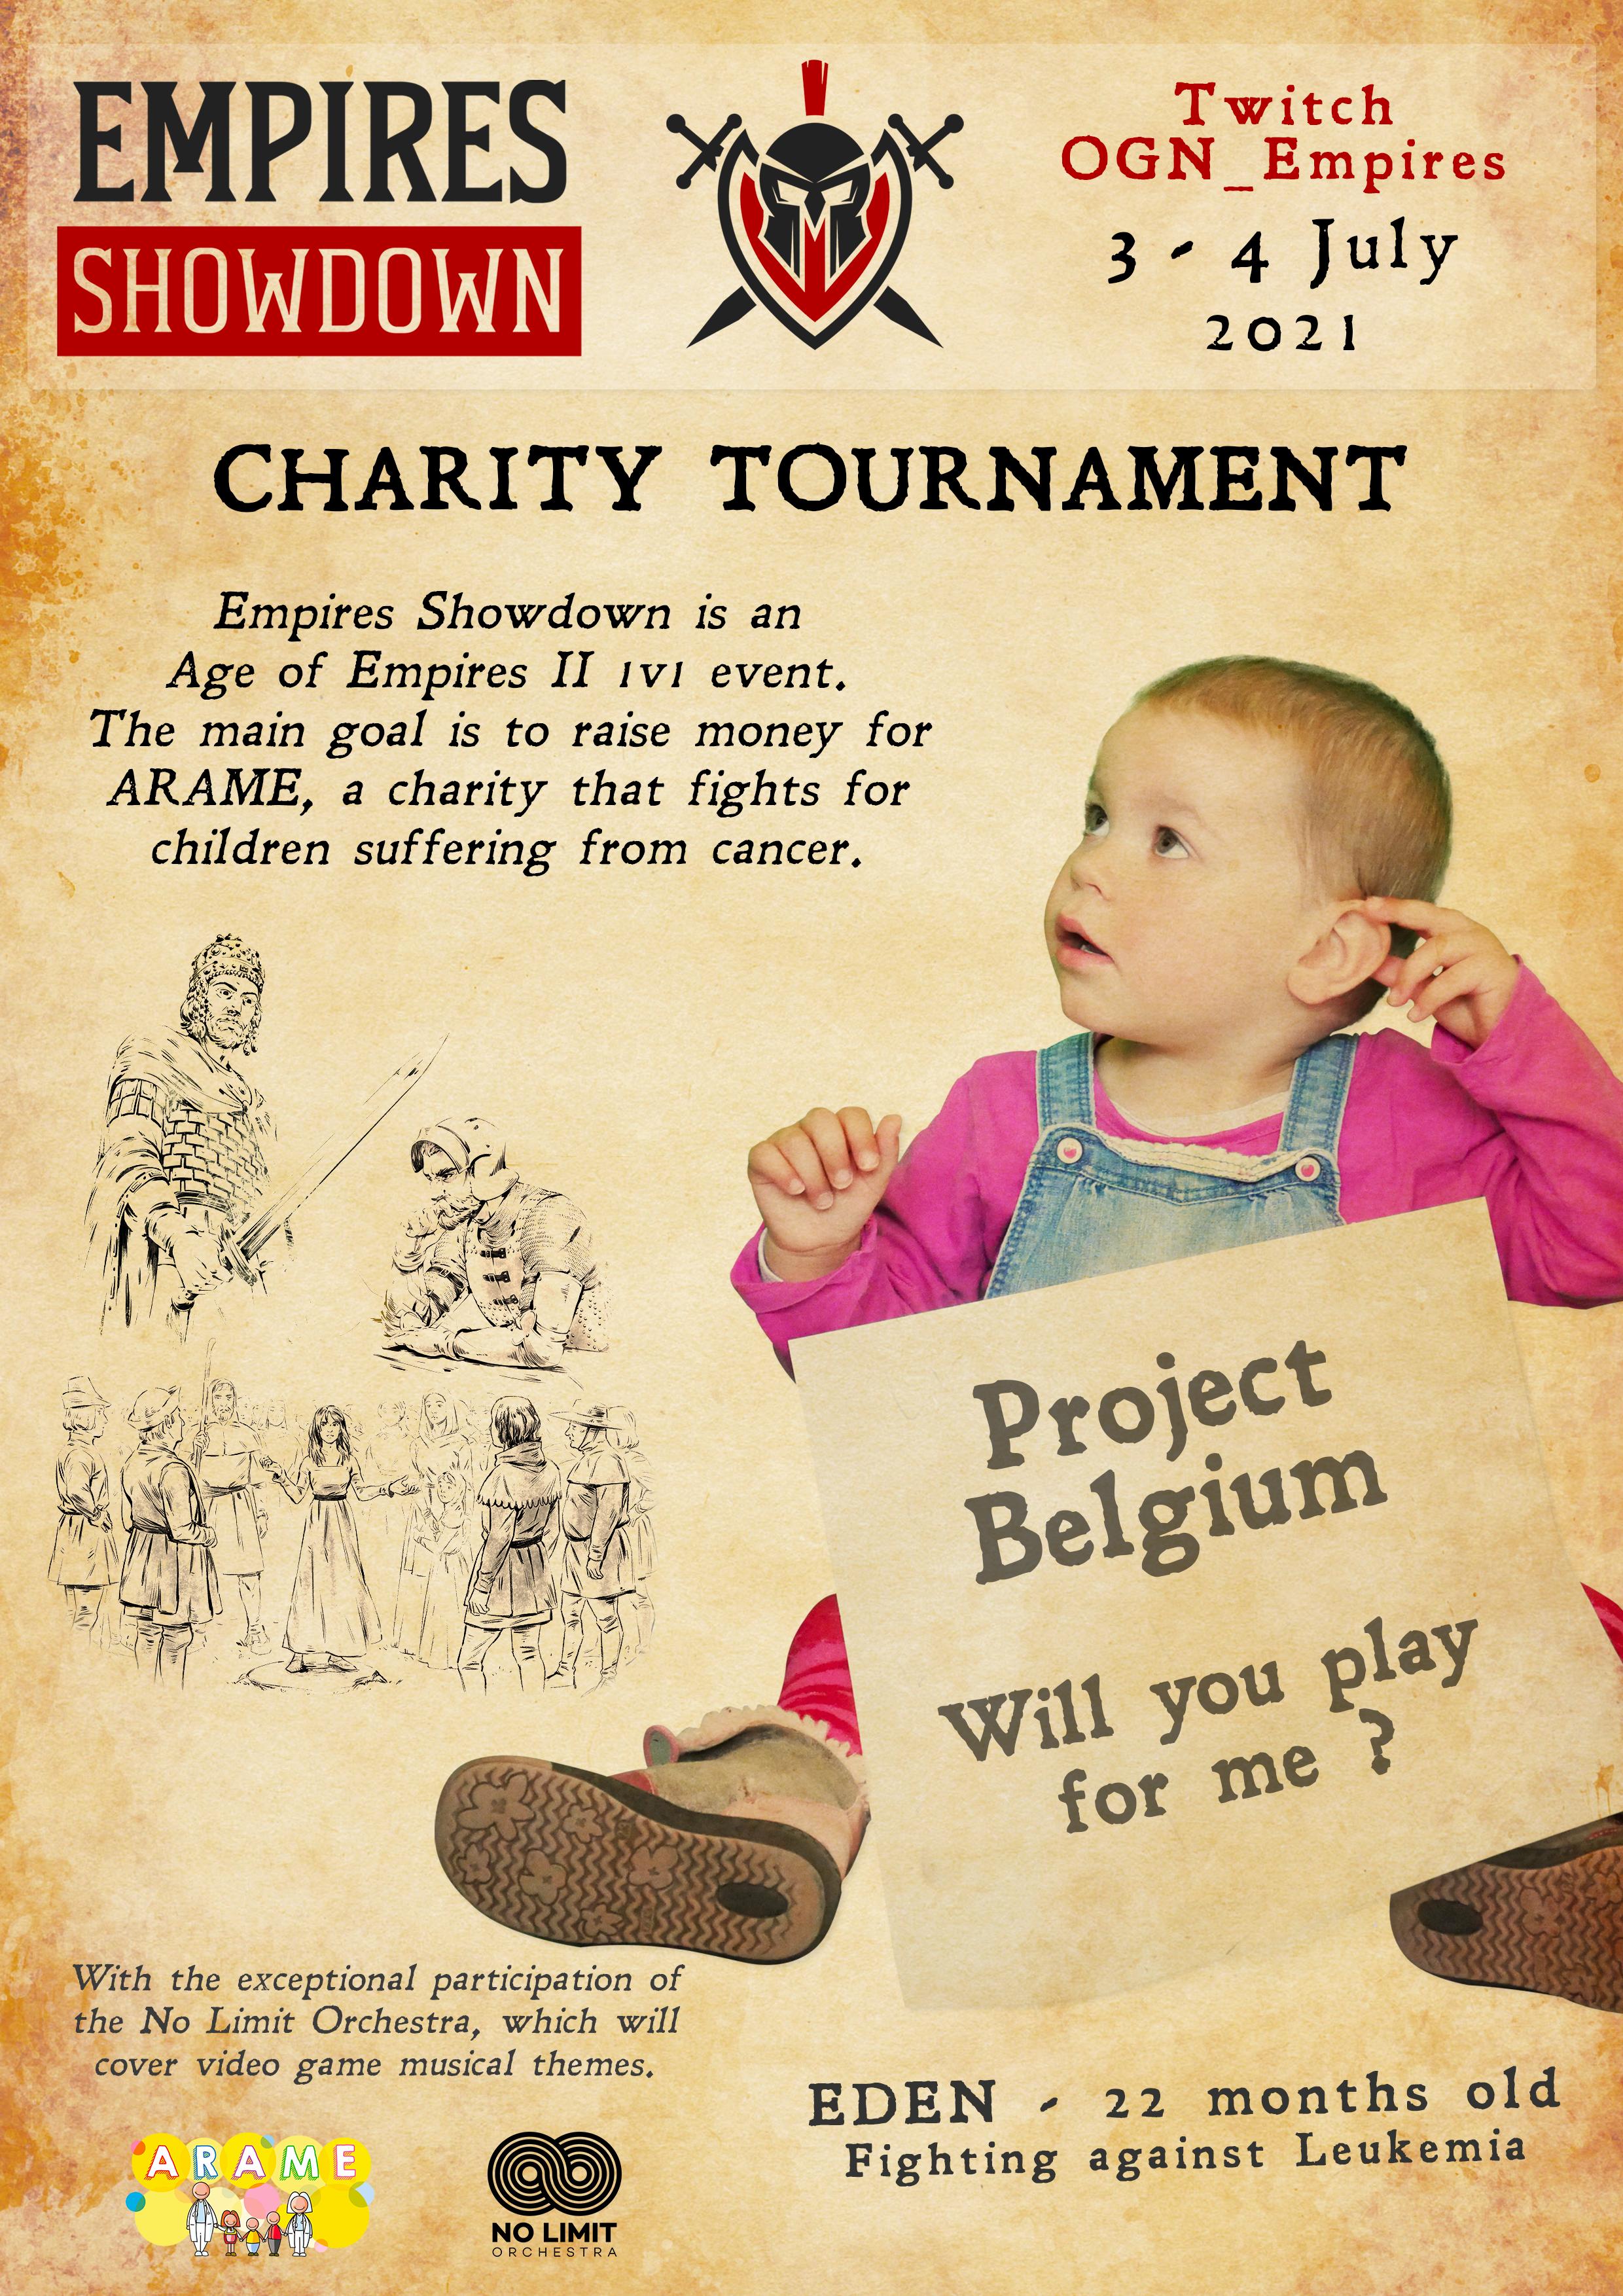 2021 - Empires Showdown - Eden (Project Belgium).png